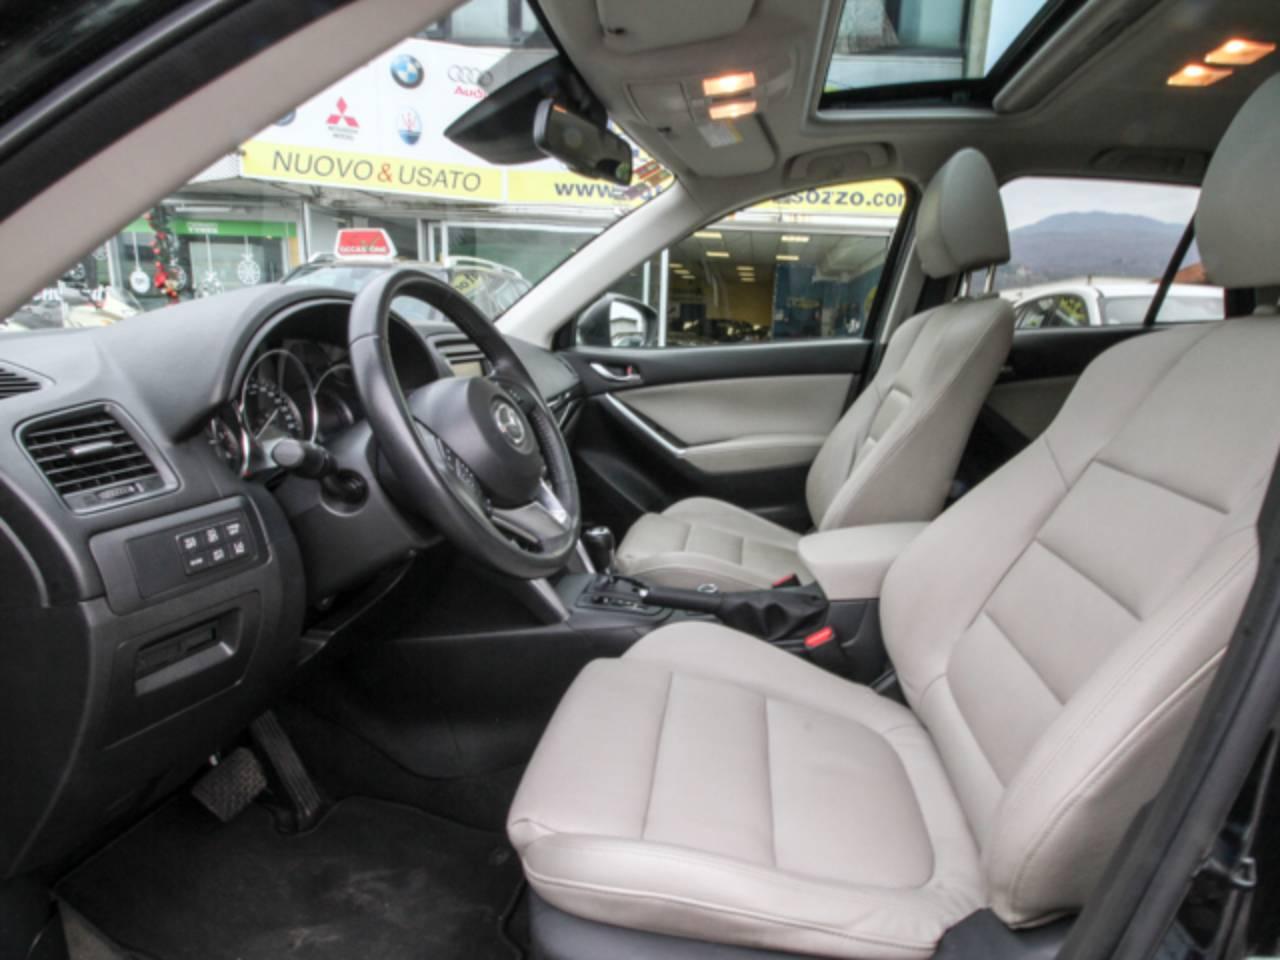 Mazda_CX_5_21_12_2020_15